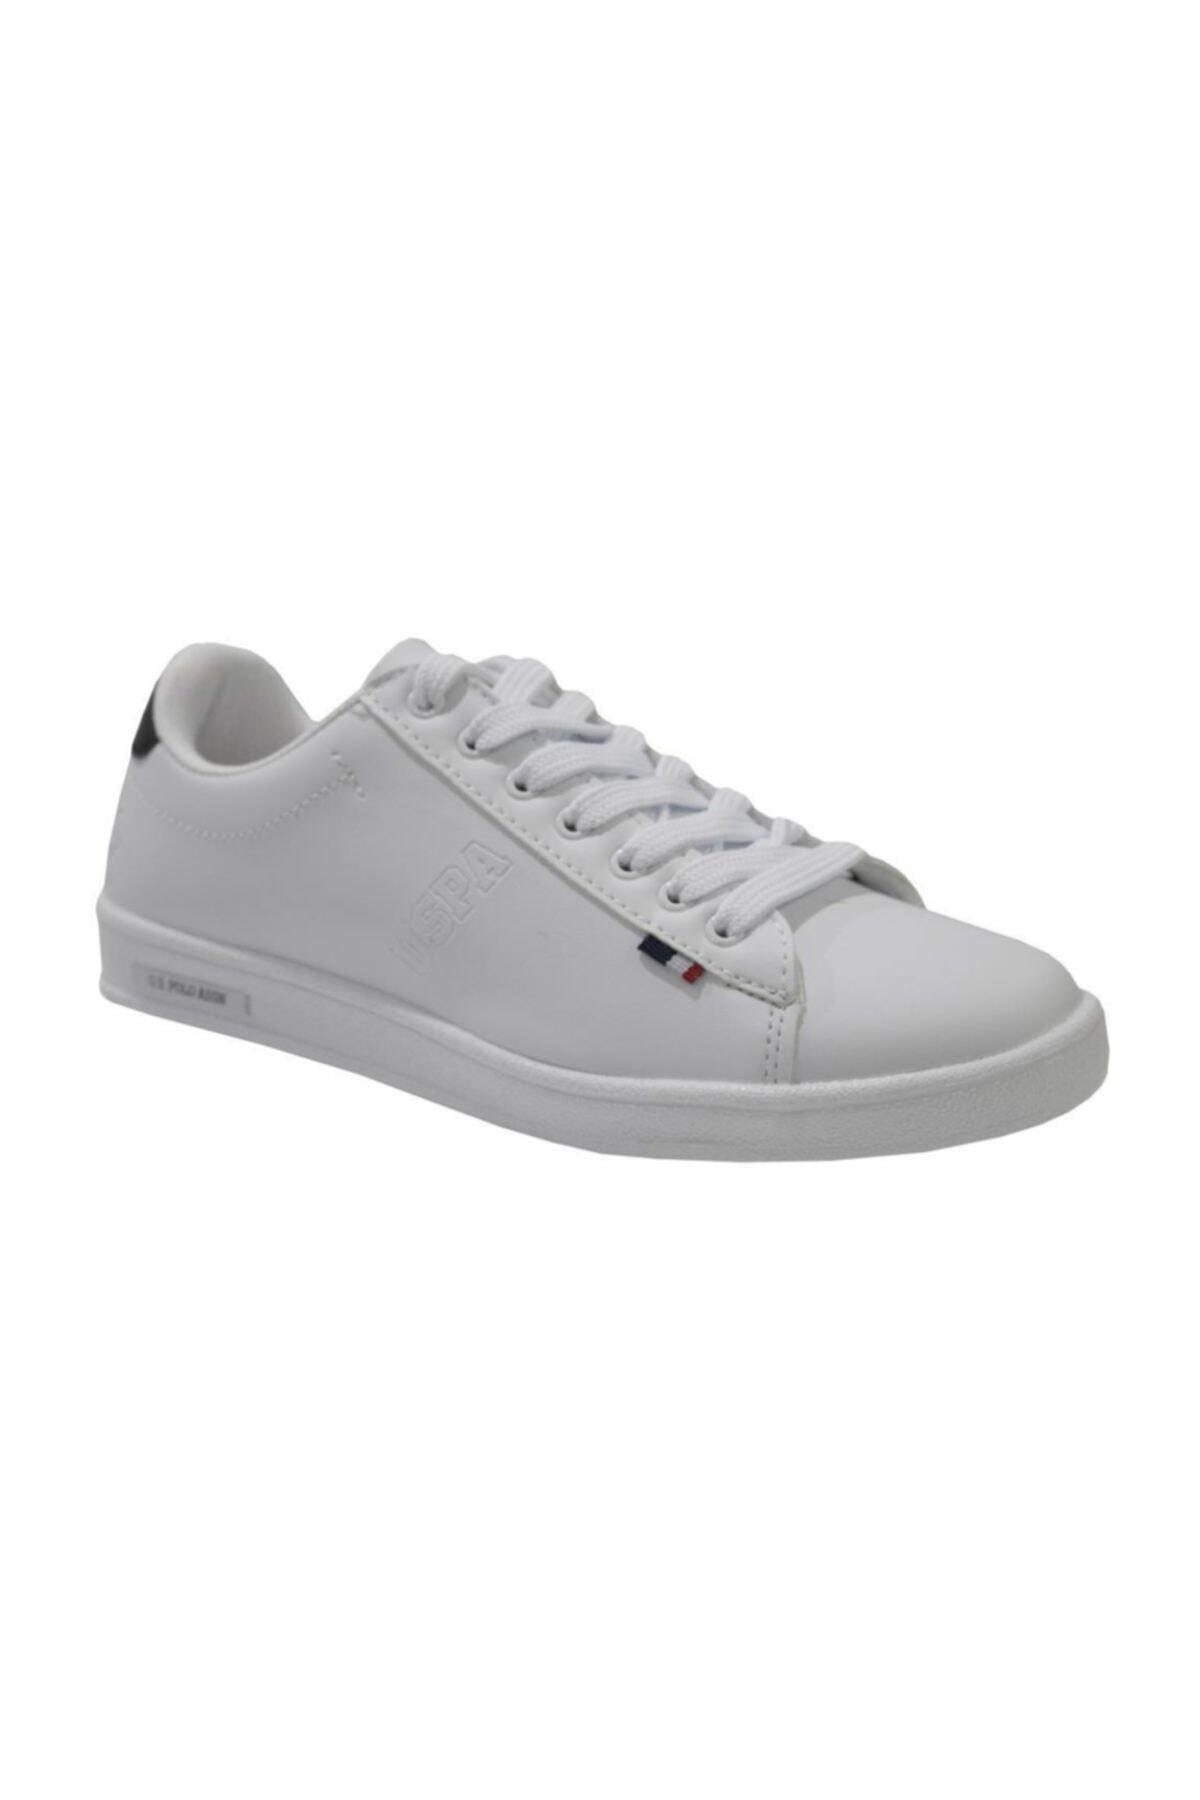 U.S. Polo Assn. Franco Unisex Beyaz Anatomik Günlük Spor Ayakkabı 1